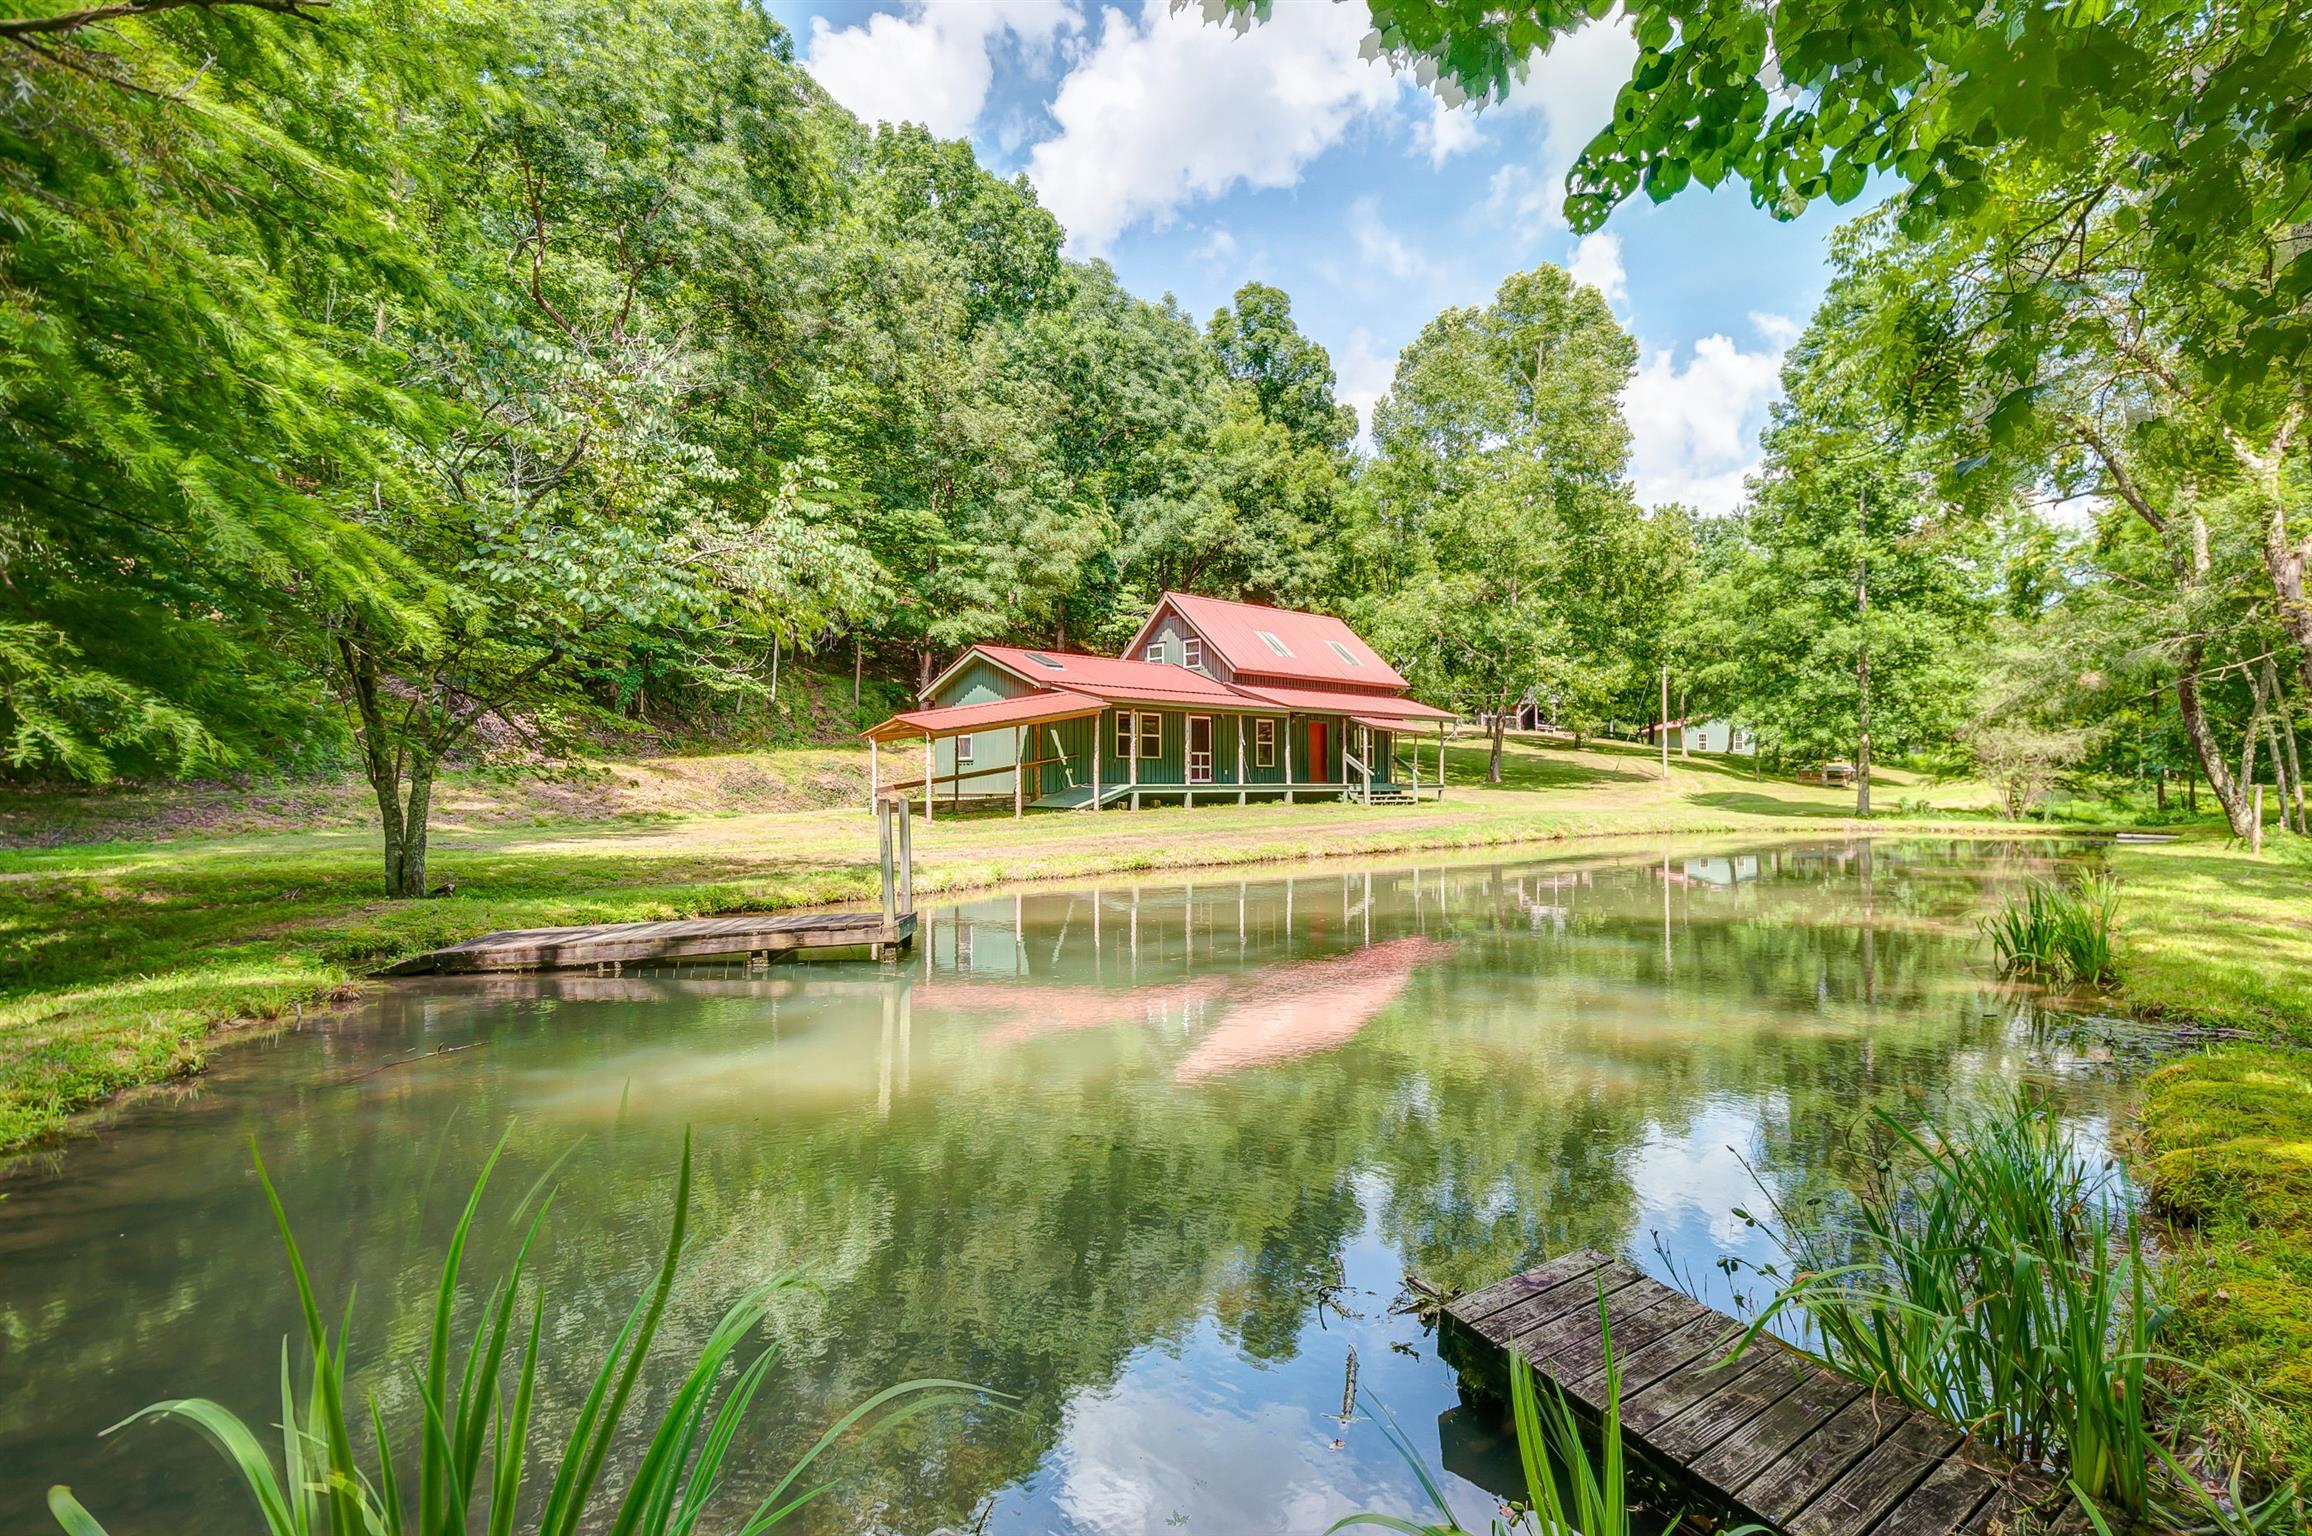 392 Mercer Rd, Linden, TN 37096 - Linden, TN real estate listing